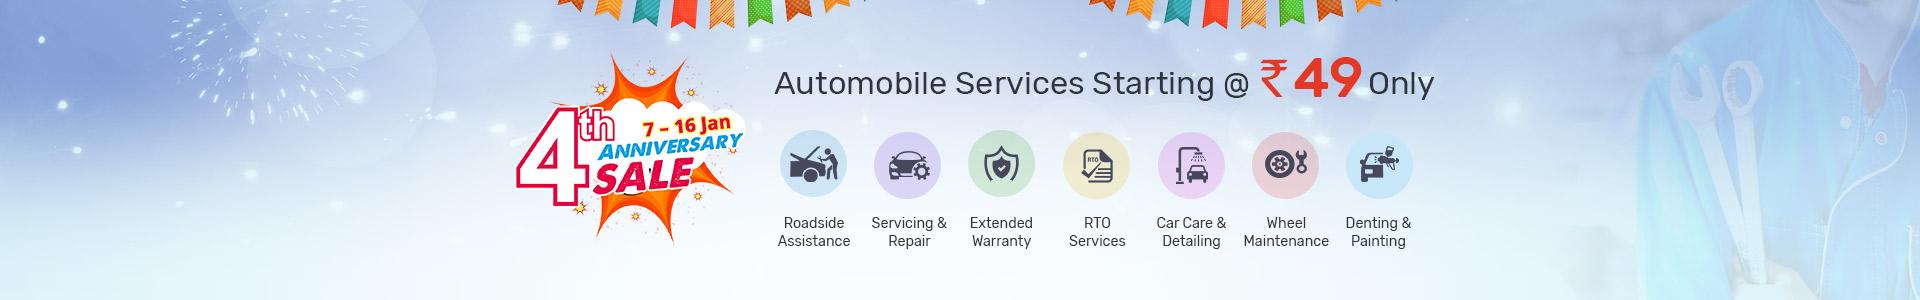 4th Anniversary Automobile Services Sale